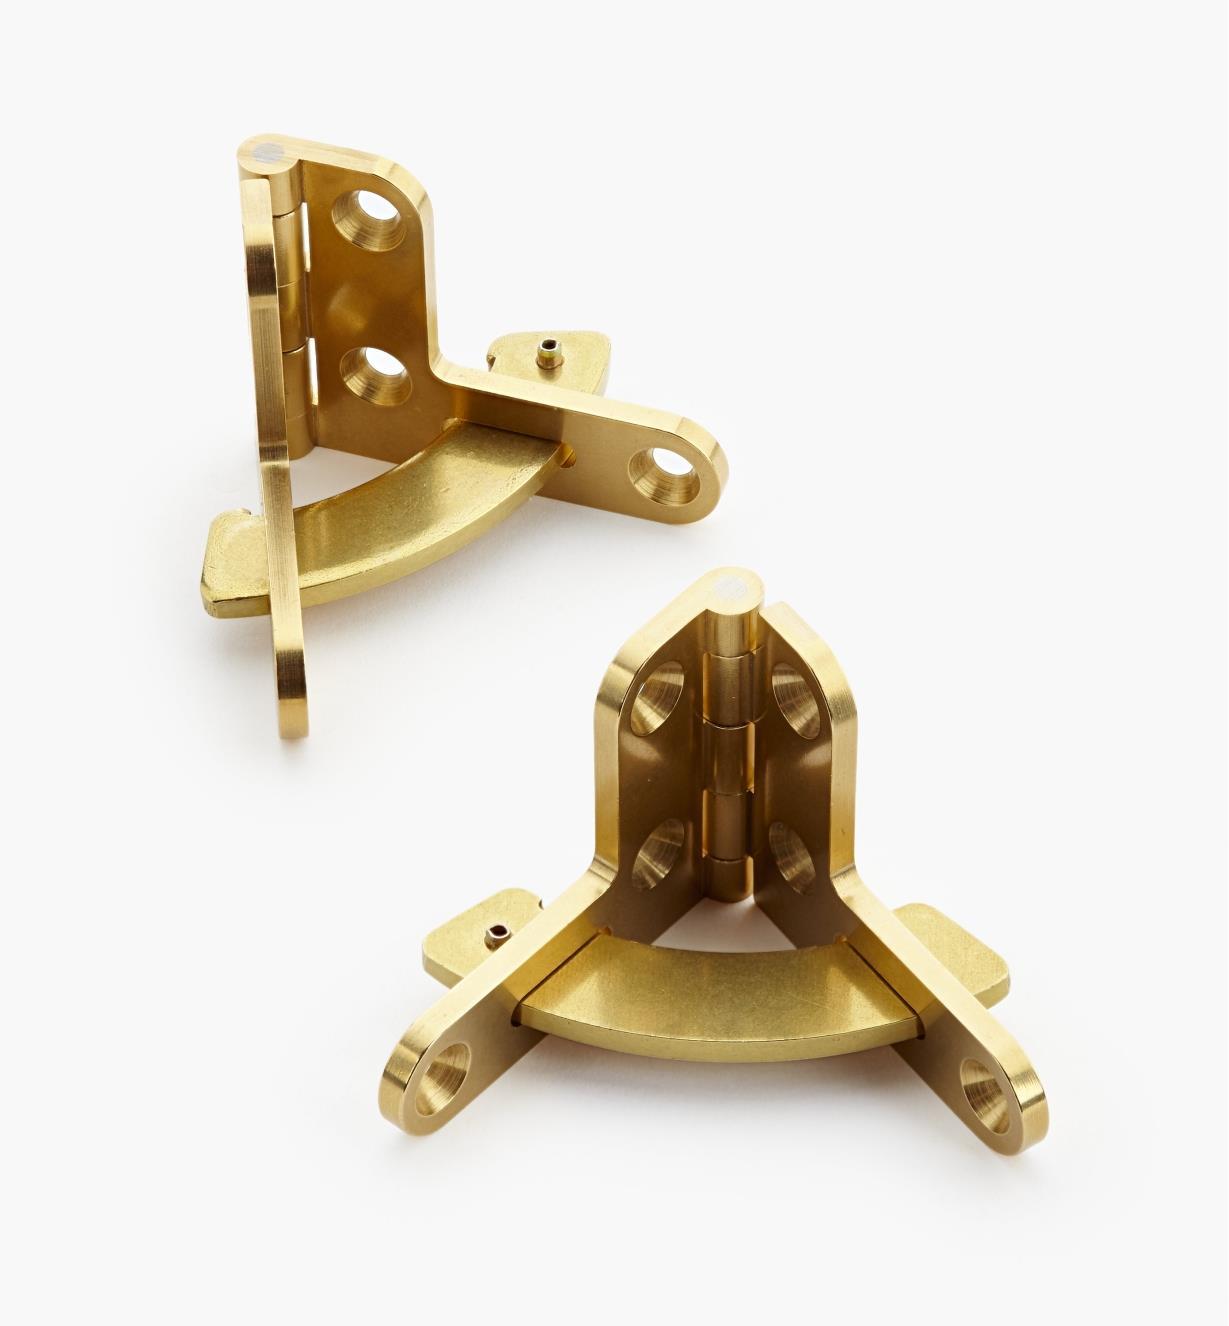 01B0504 - Charnières à compas pour coffret Brusso, 1 1/2 po x 1/2 po, la paire